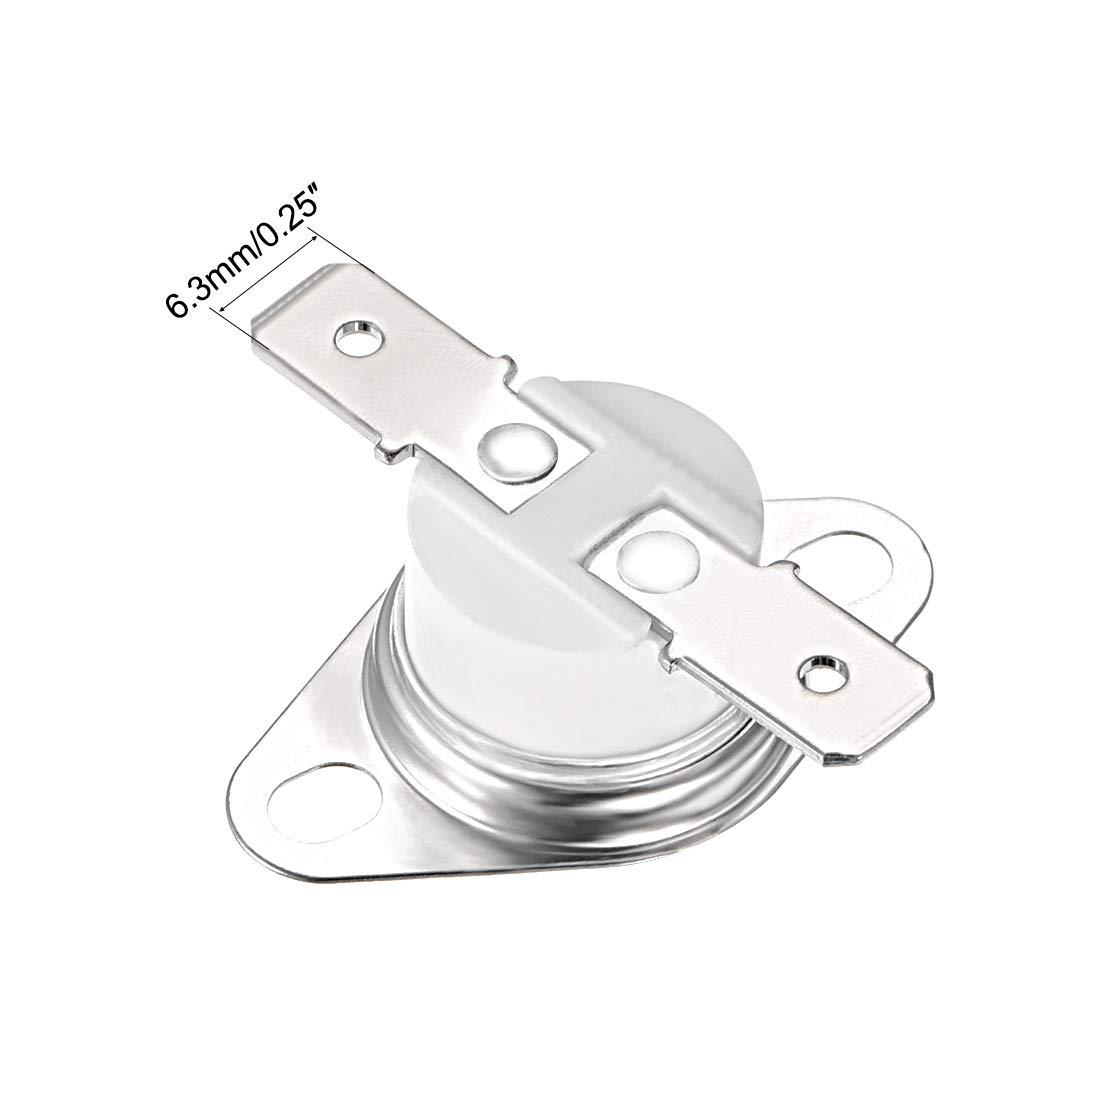 termostato Interruptor de control de temperatura 135 Sourcingmap KSD301 10A 2 unidades N.C normalmente cerrado 6,3 mm